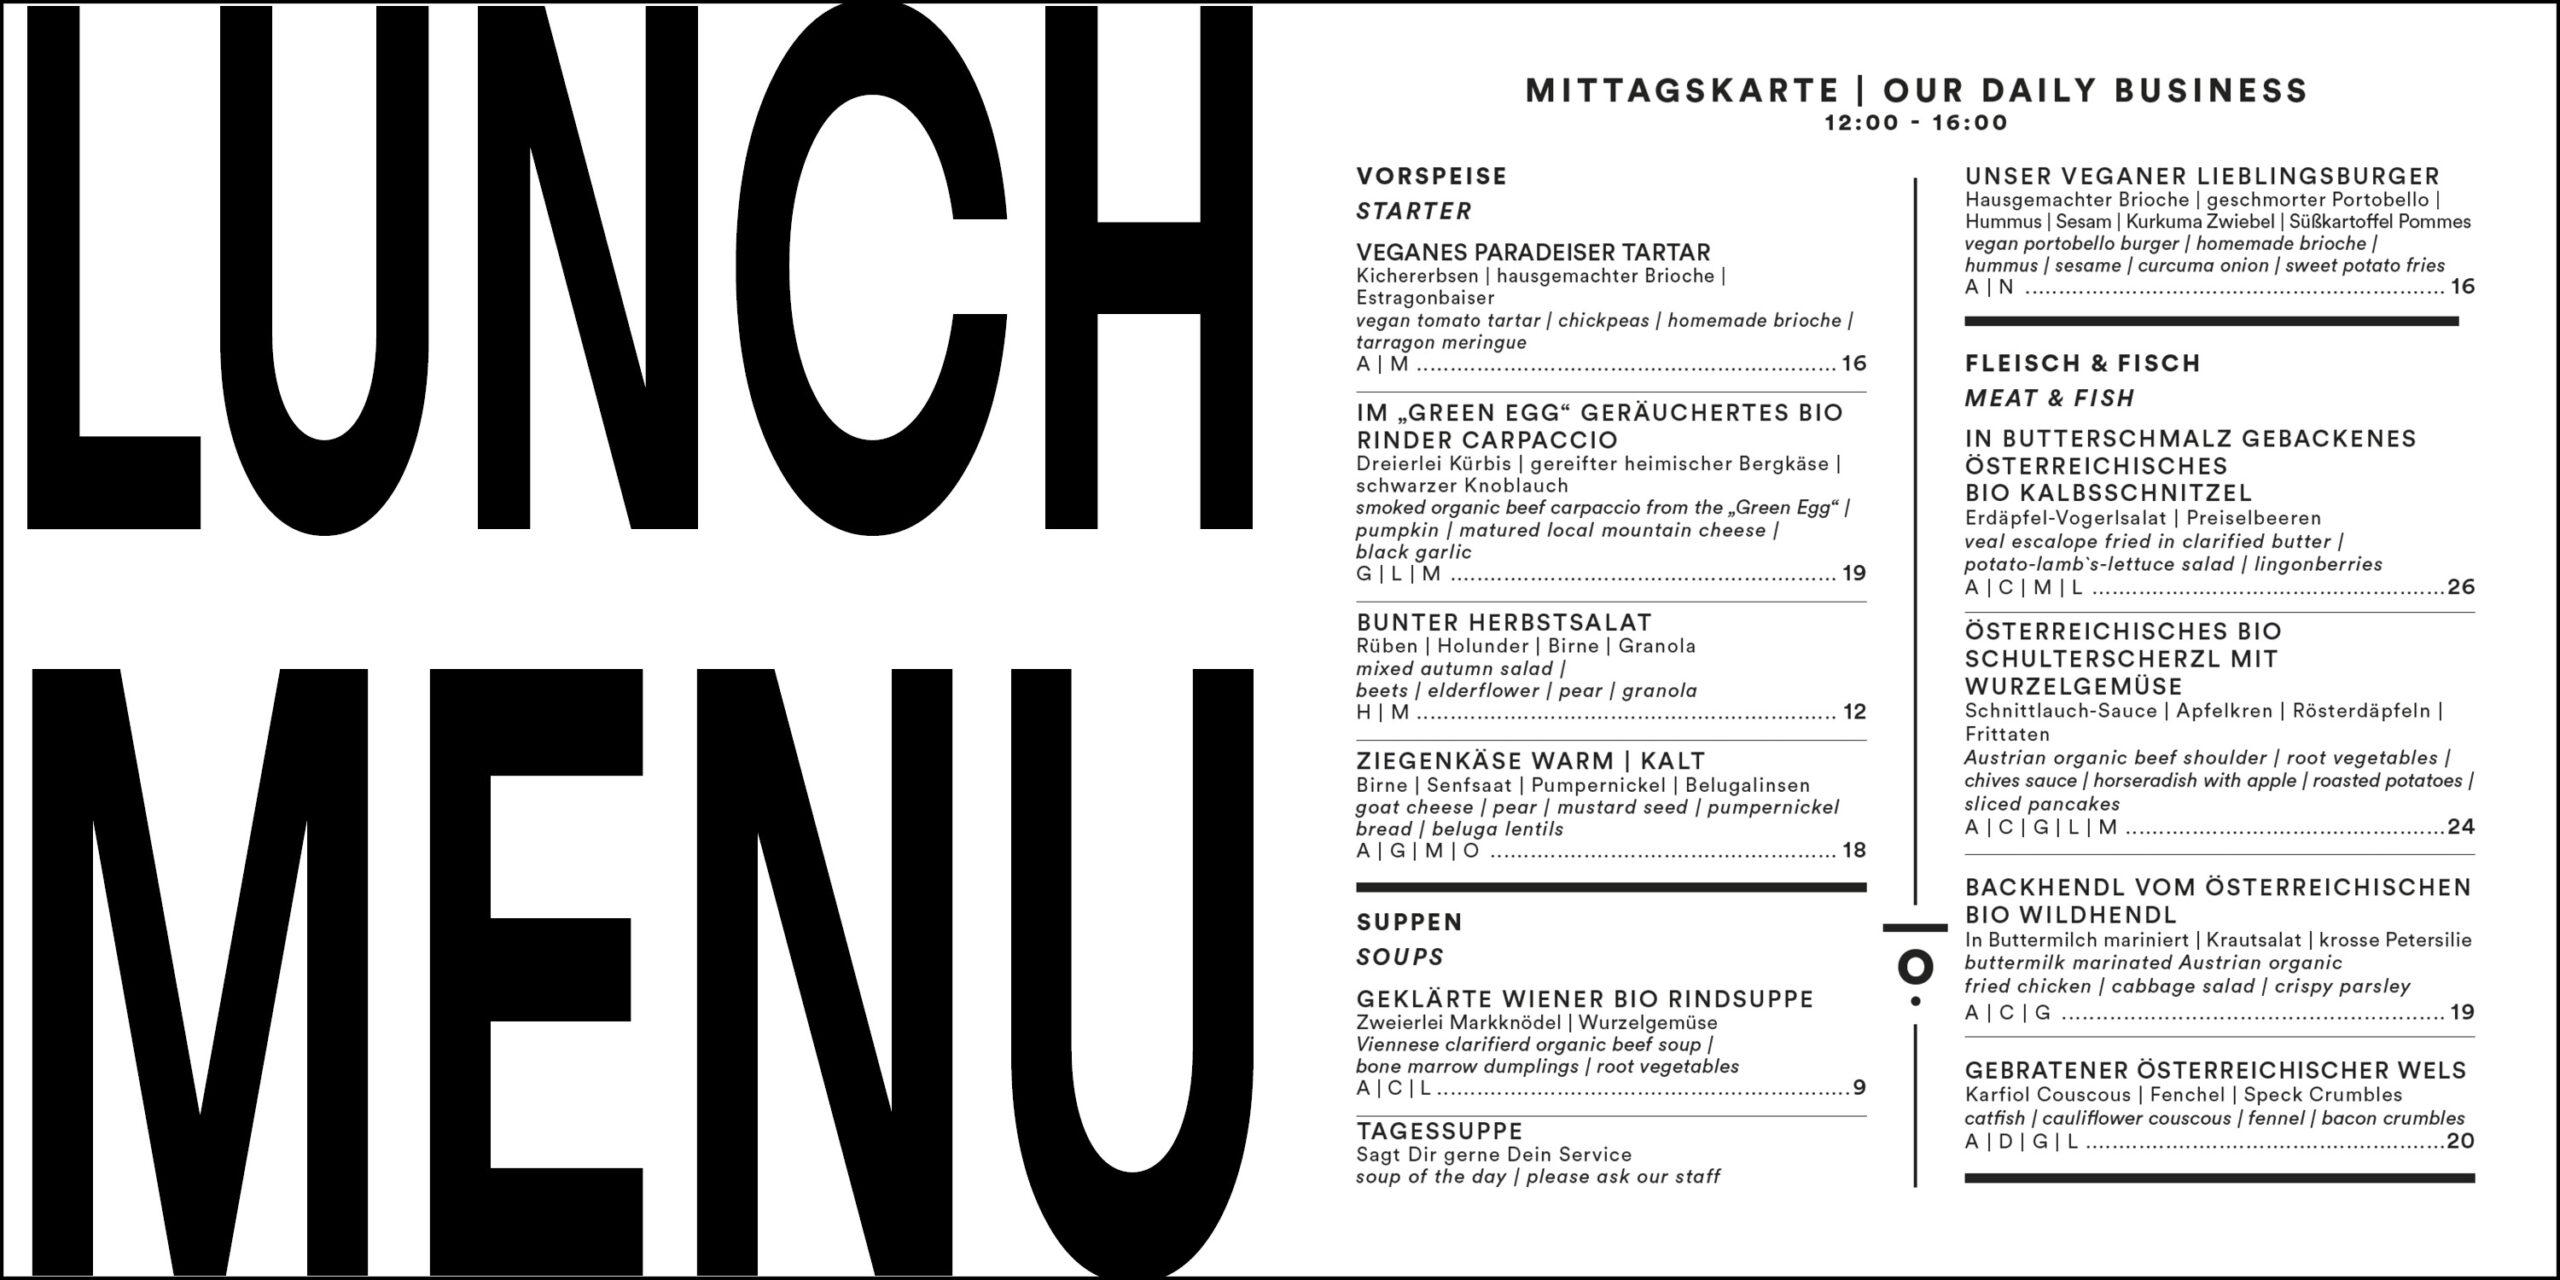 salonplafond-wien-speisekarte-mittagessen-lunch-menu-vienna-1010